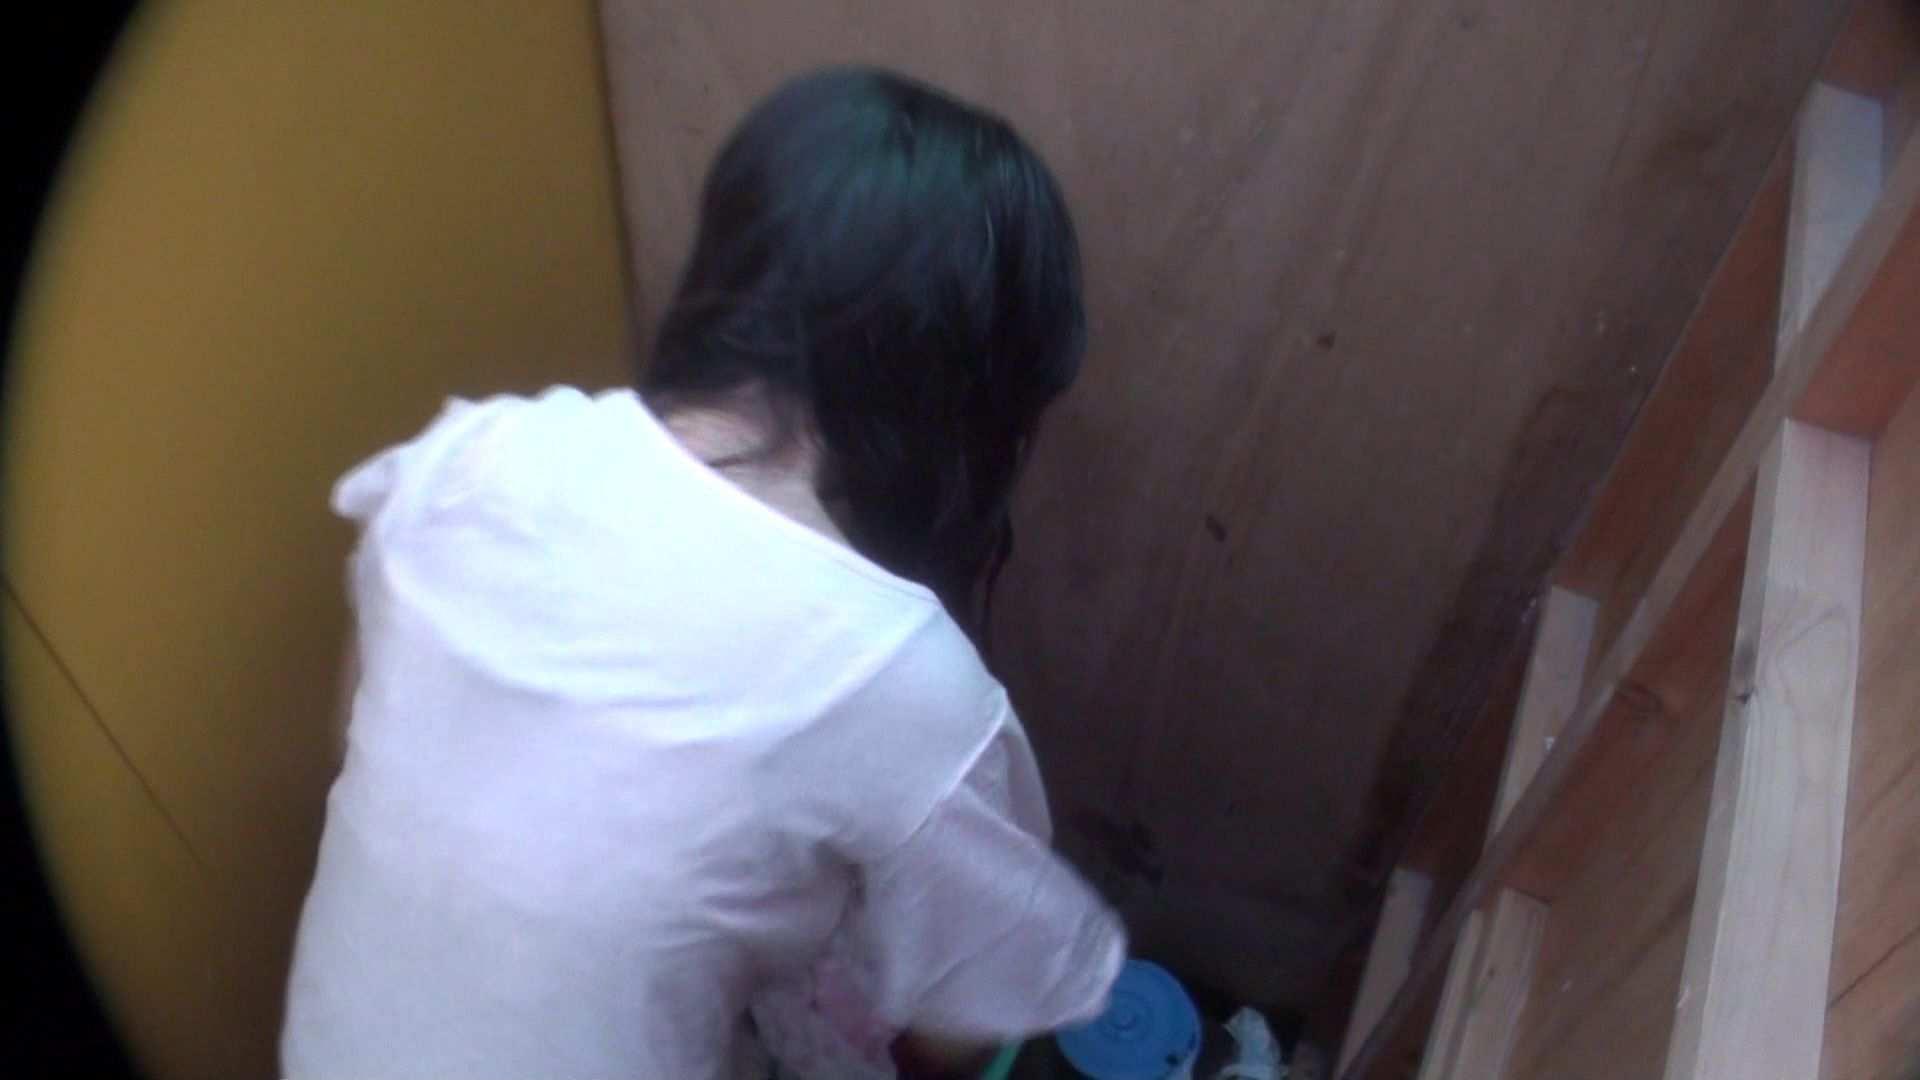 シャワールームは超!!危険な香りVol.13 ムッチムチのいやらしい身体つき OLエロ画像   シャワー  29PICs 28